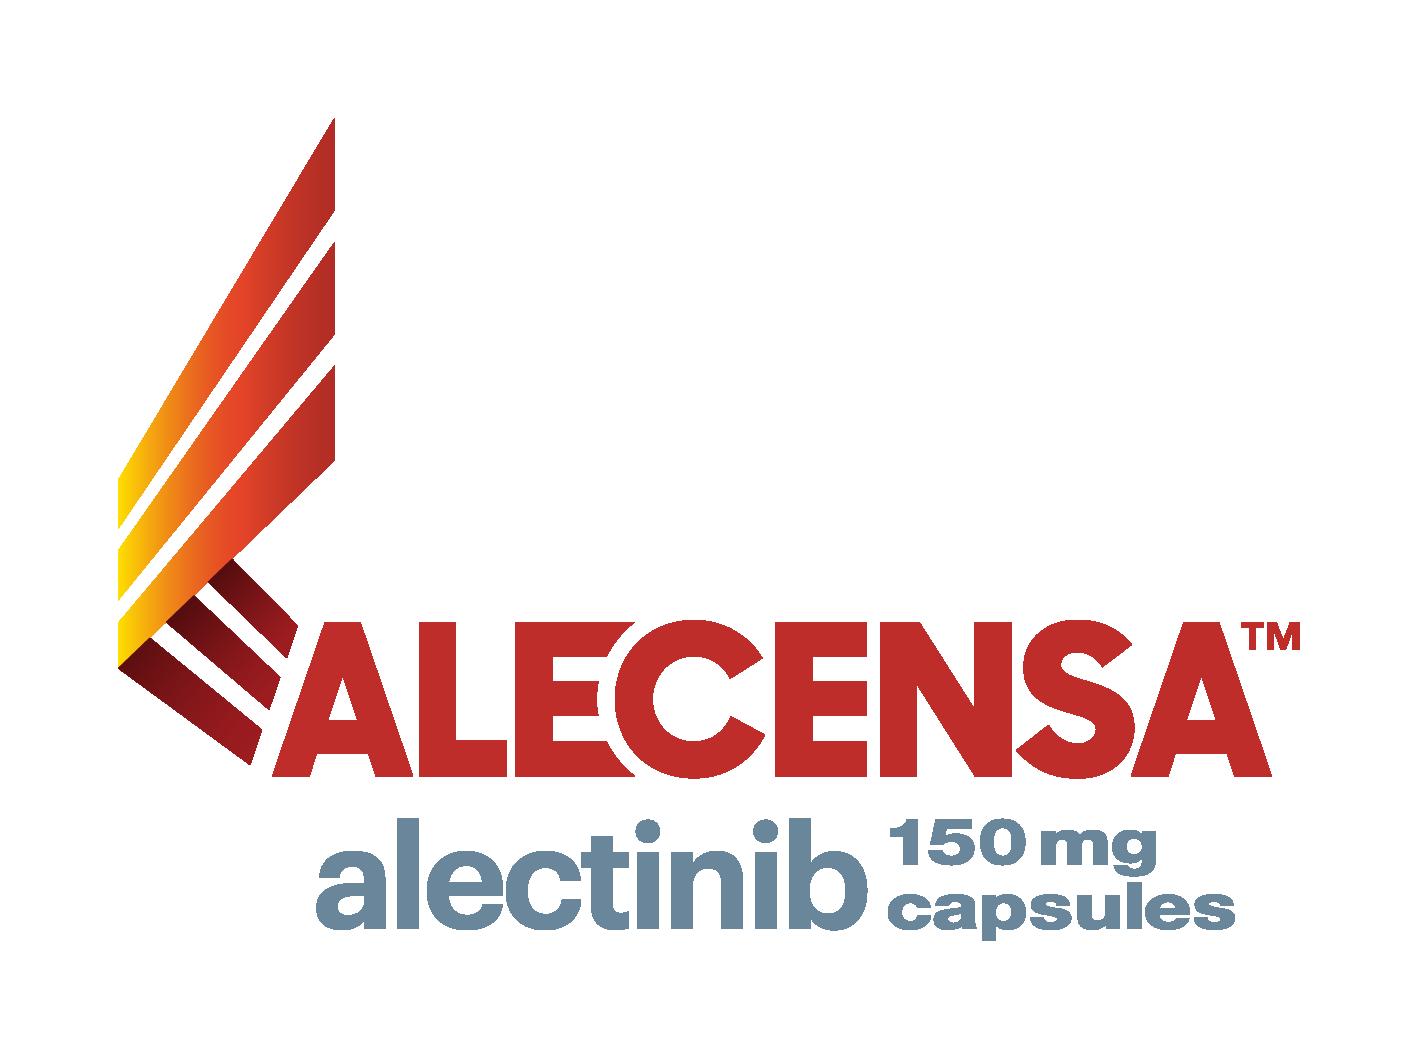 Alecensa images